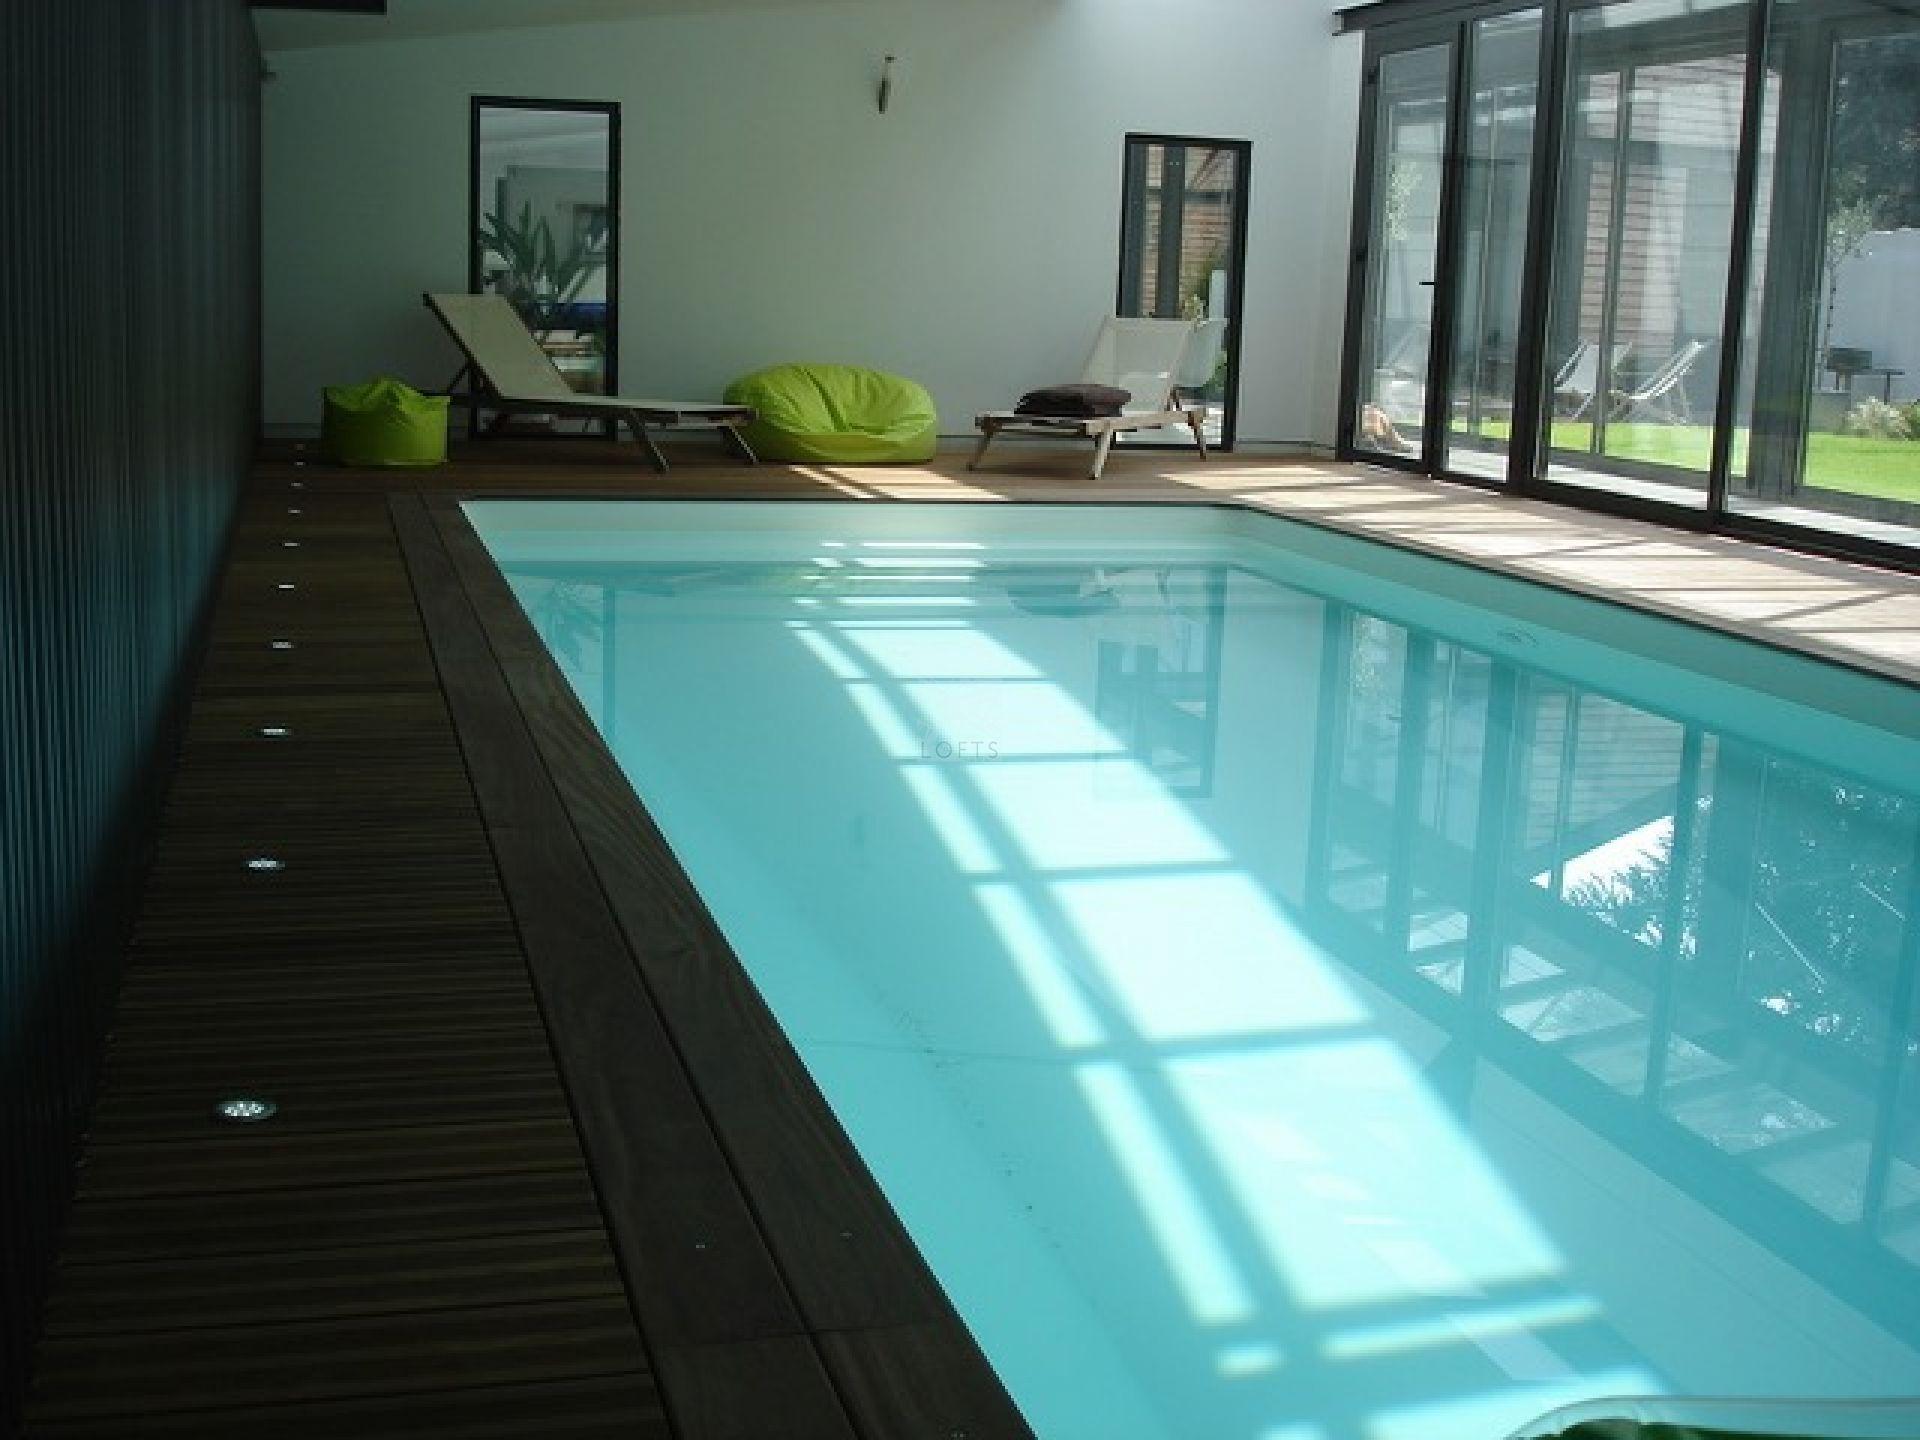 maison loft avec jardin et piscine interieure. Black Bedroom Furniture Sets. Home Design Ideas